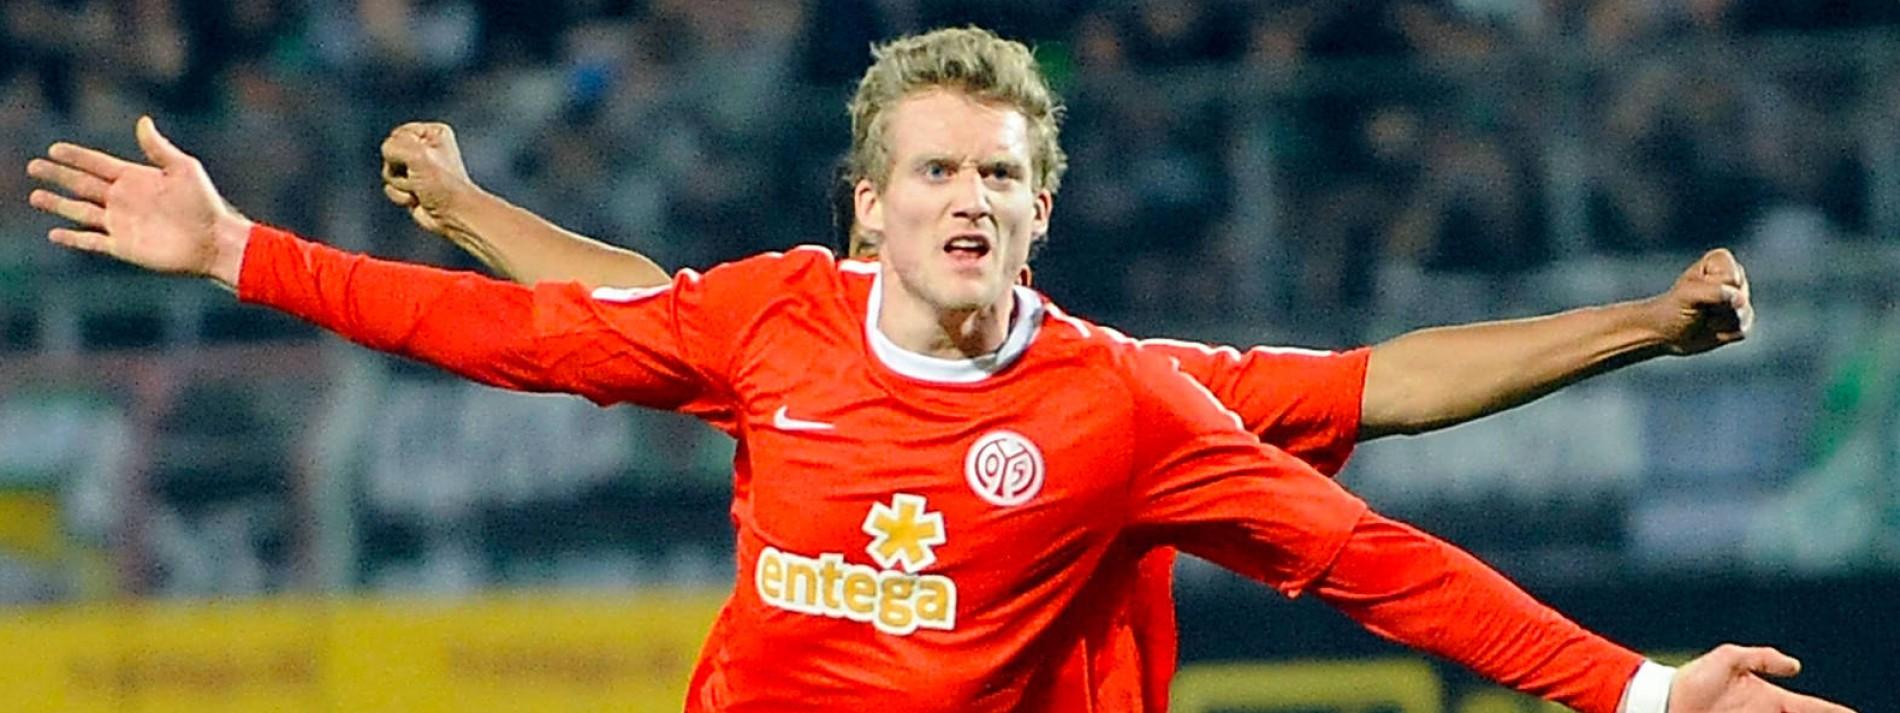 Wie macht Mainz 05 das nur?